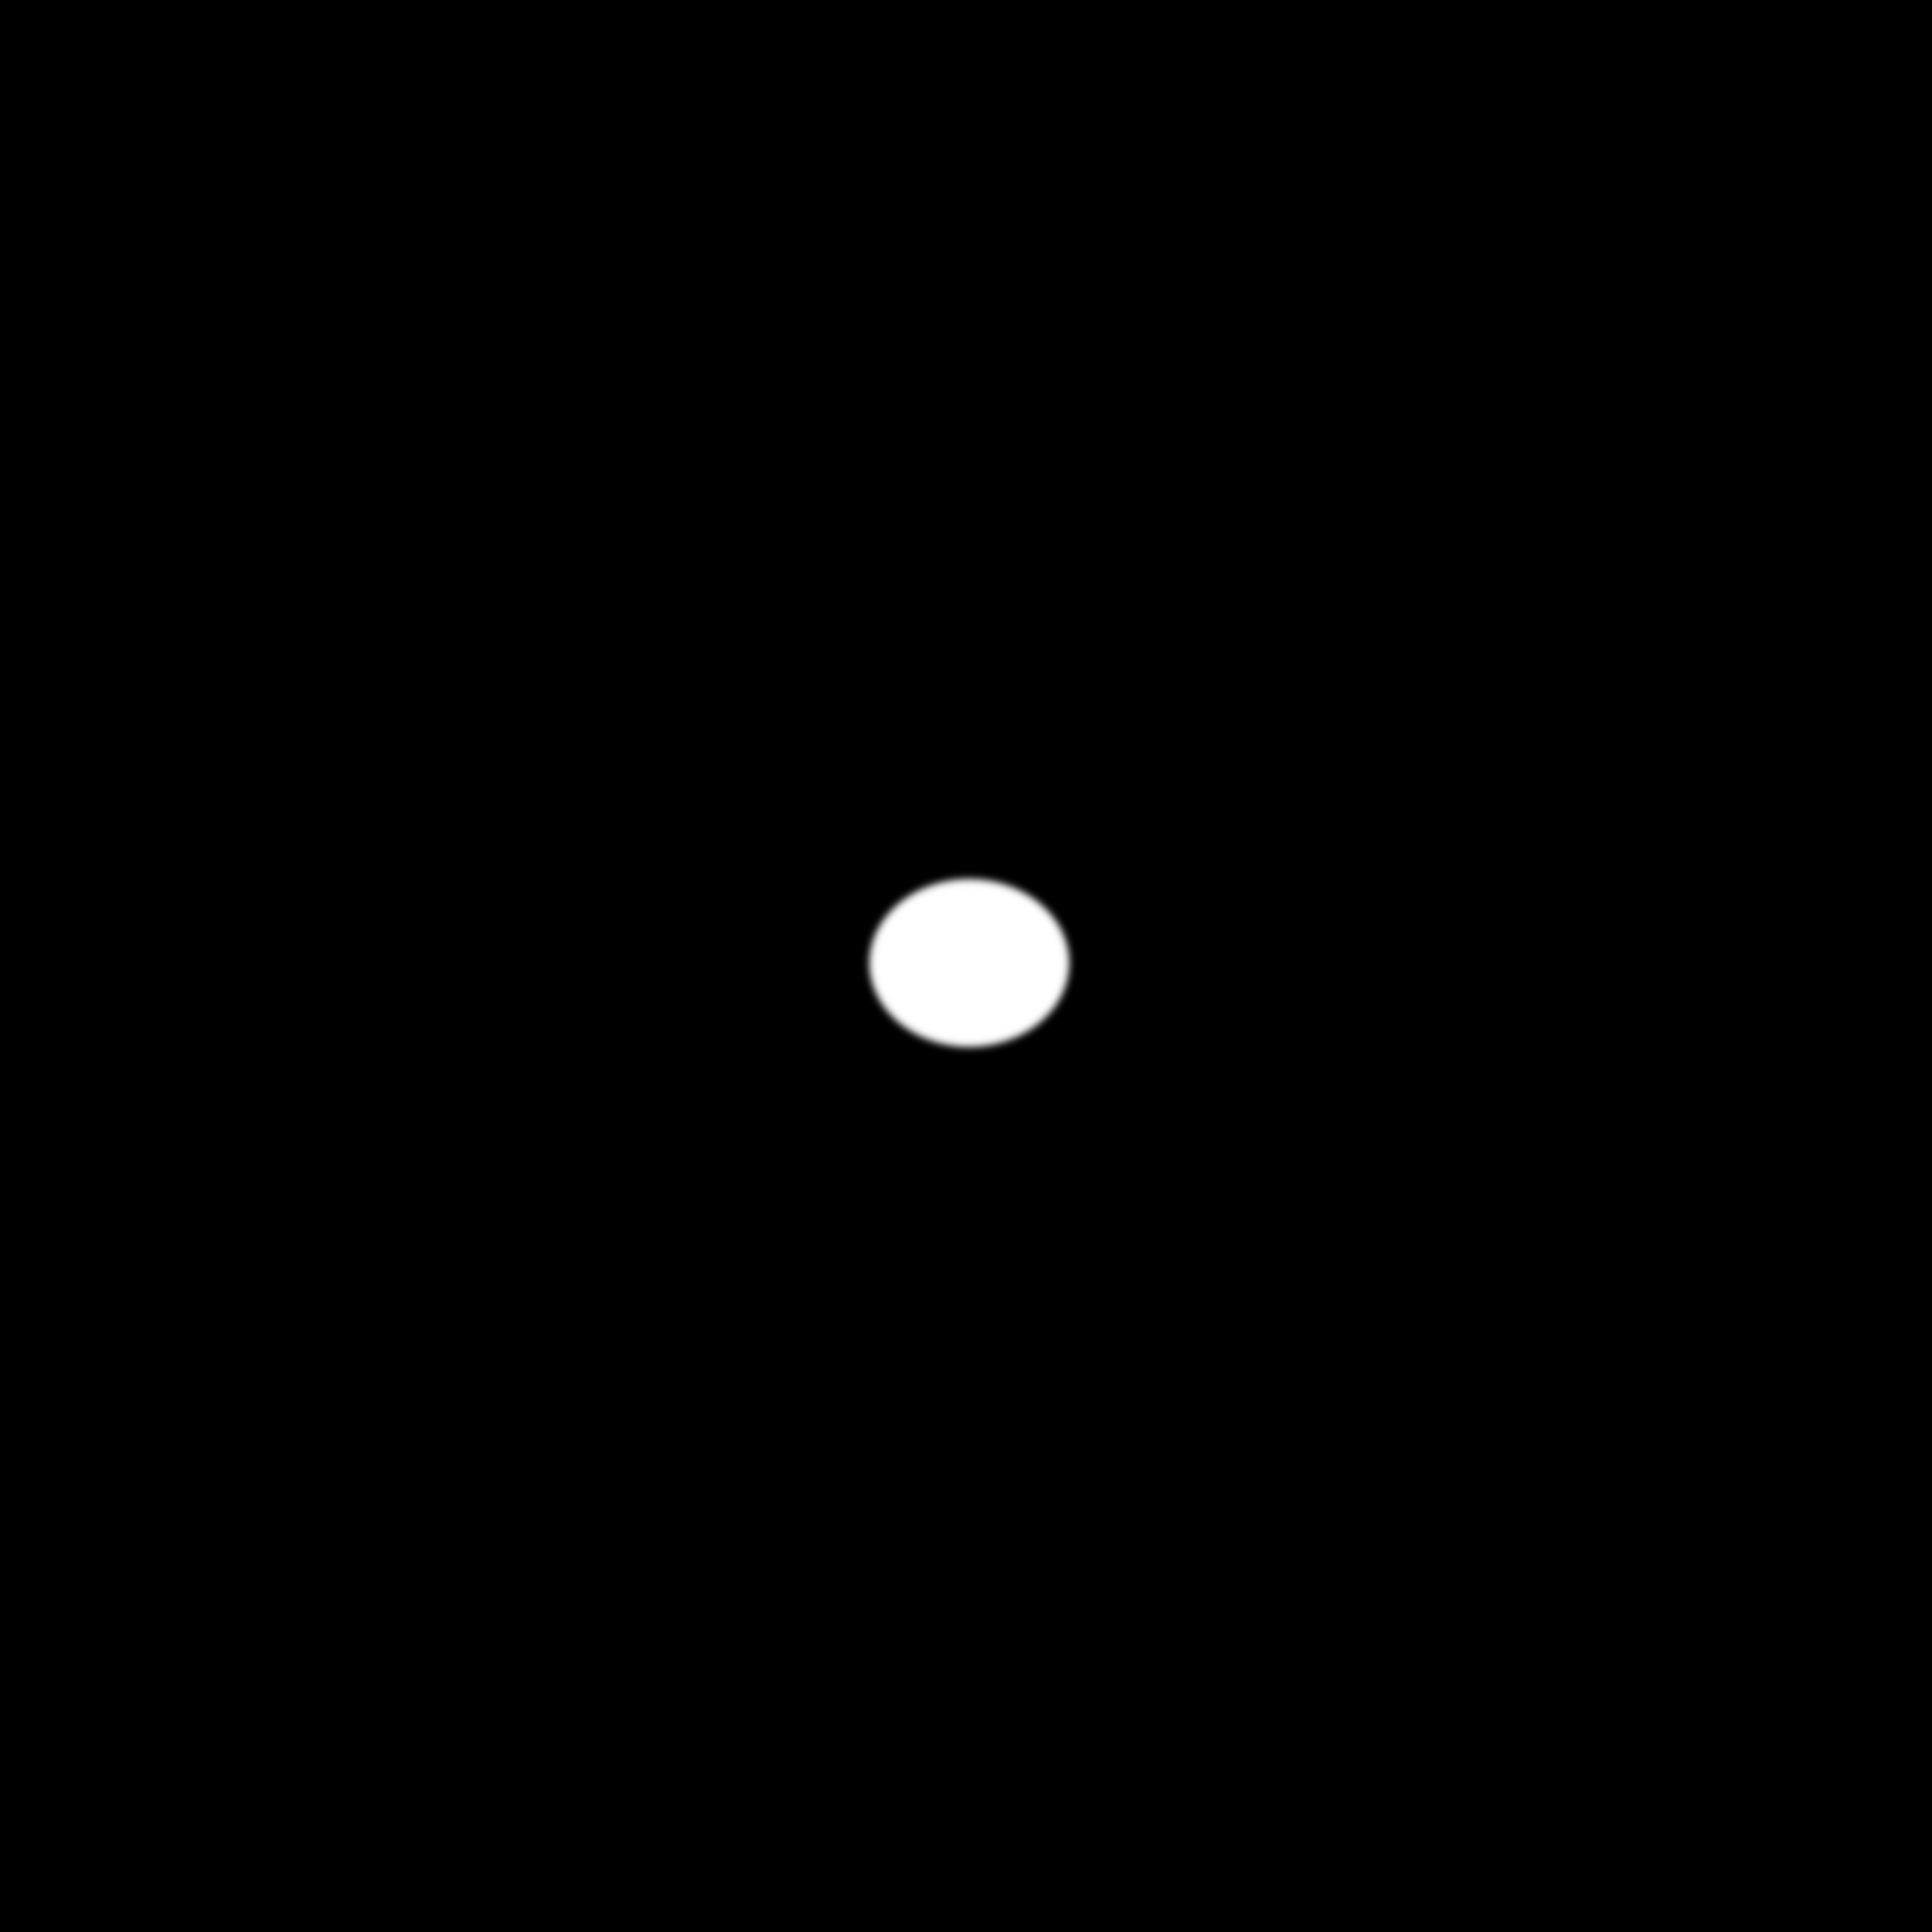 Lampe Torche [Amelioration Avec Recharge] 437258Lampe